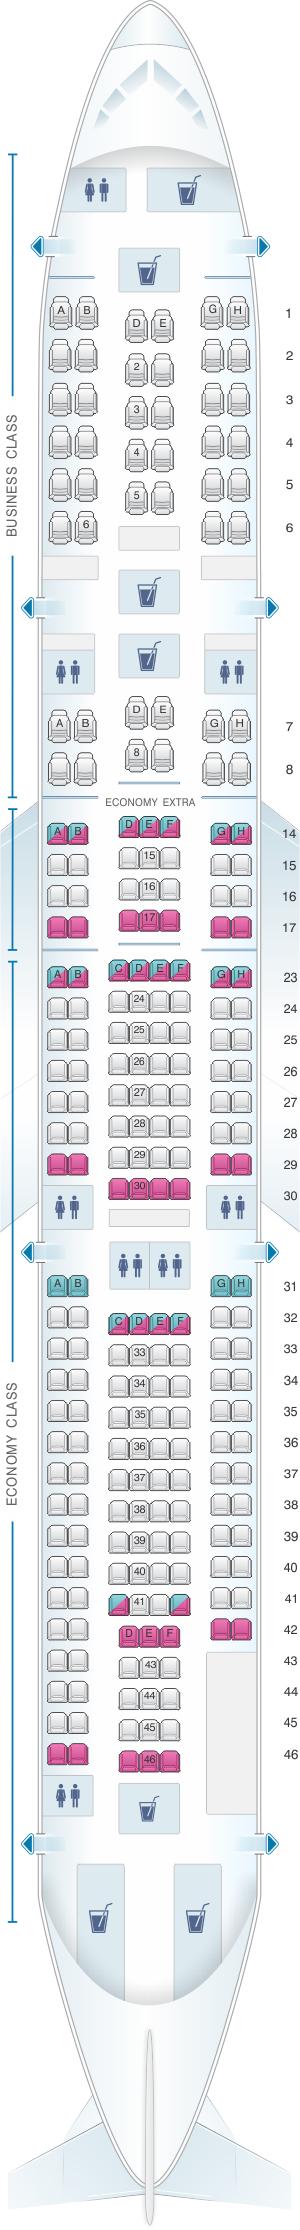 scandinavian airlines. Black Bedroom Furniture Sets. Home Design Ideas